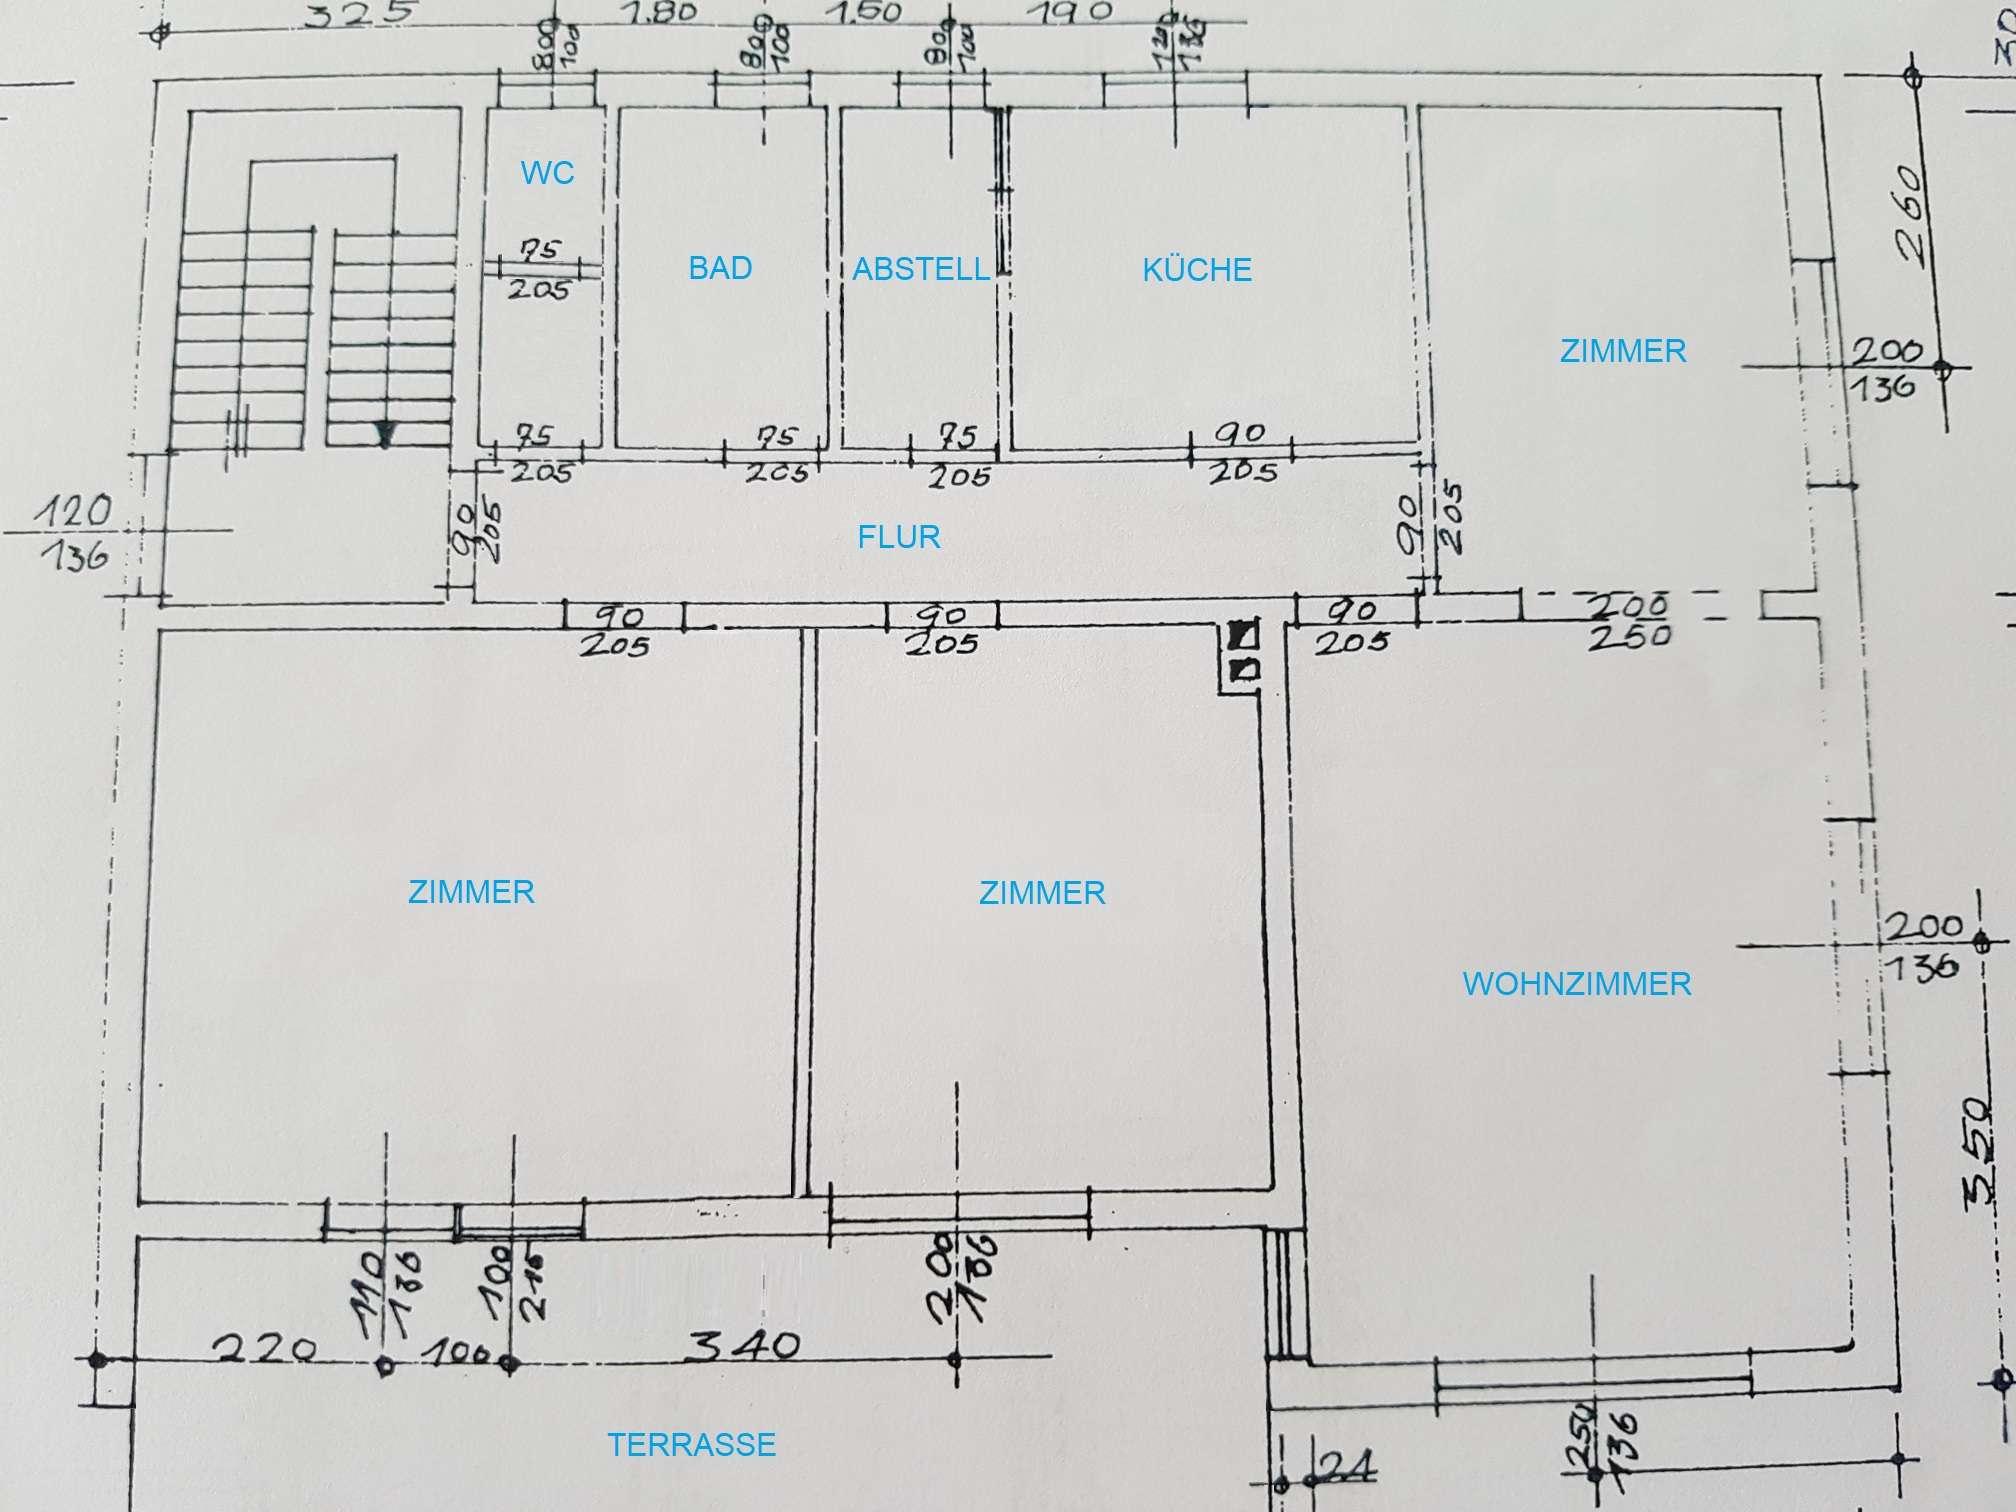 4-Zimmer-Wohnung mit Terrasse und EBK in Aresing in Aresing